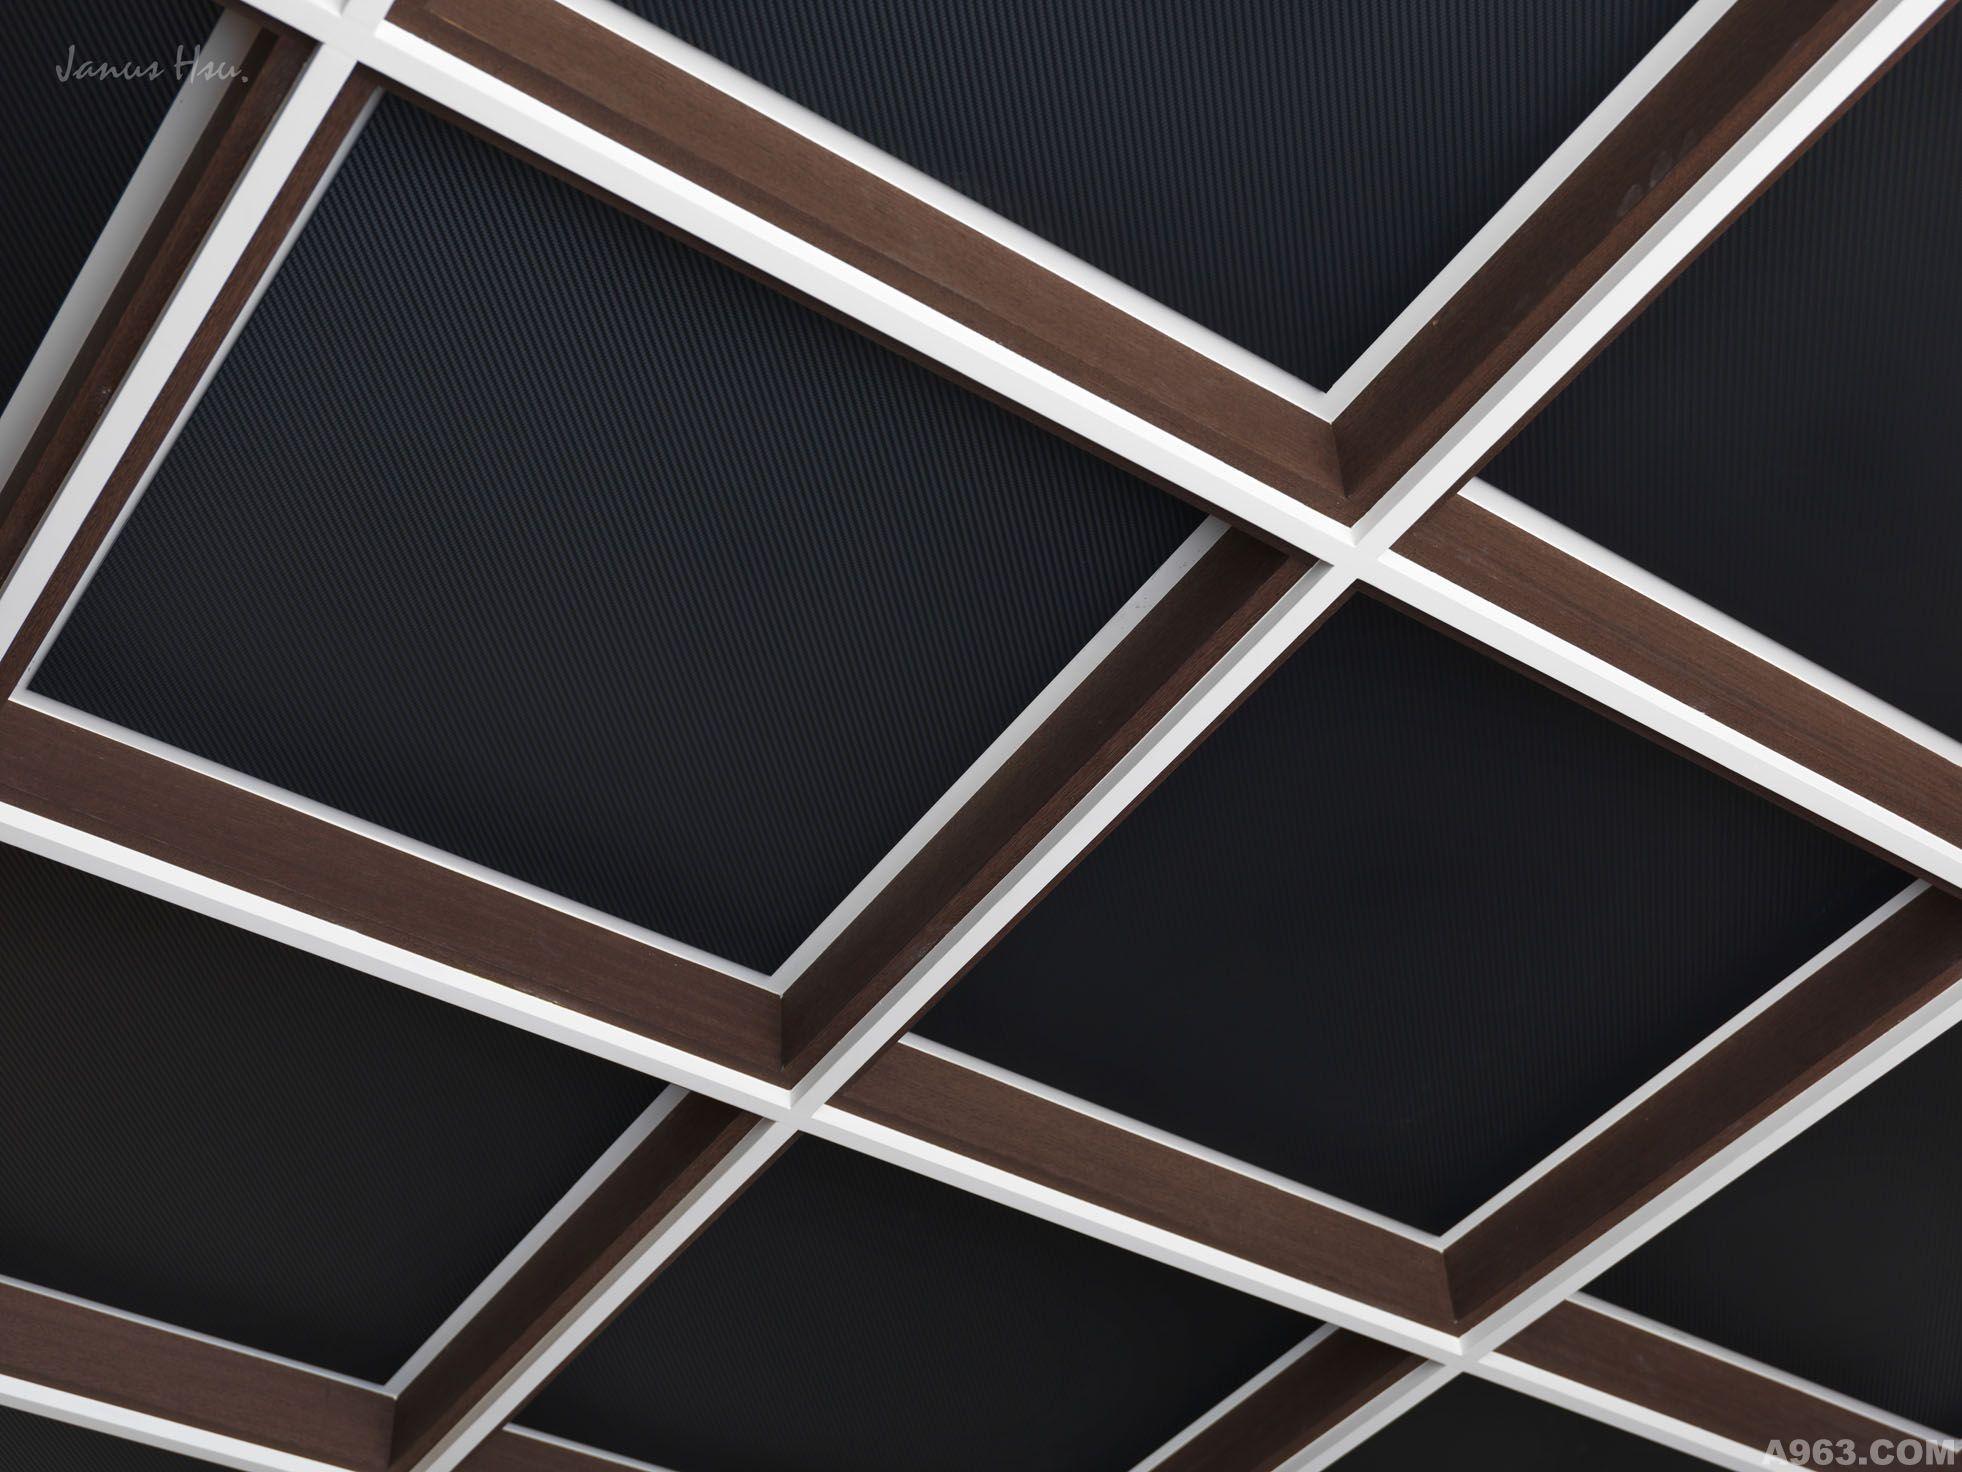 """以中国固有的传统,数字8代表""""发""""的意思,来引入玄关的天、地、壁创造出不同材质的律动感,光和影的变化,及如同丝绸般舞动于天顶处的曲线交叠,外与内的对话与互动,以玄关空间揭开了此场域的序幕。 空间的舞者曼妙地从玄关拱型线拉至顶垂吊了貌似西藏经轮的水晶吊灯,晶透的光泽,倒映在洁净的石材地坪上,此灯形的连续性线条流串至地坪铺面上而刻划出如同流水般跃动的曲线,这样的元素延伸至左右两侧的展示柜体及上方粗旷的花岗岩石(印度黑),如此有力度的岩石也可轻盈的将此景转移至入口正面一樘樘的屏风上,隐"""